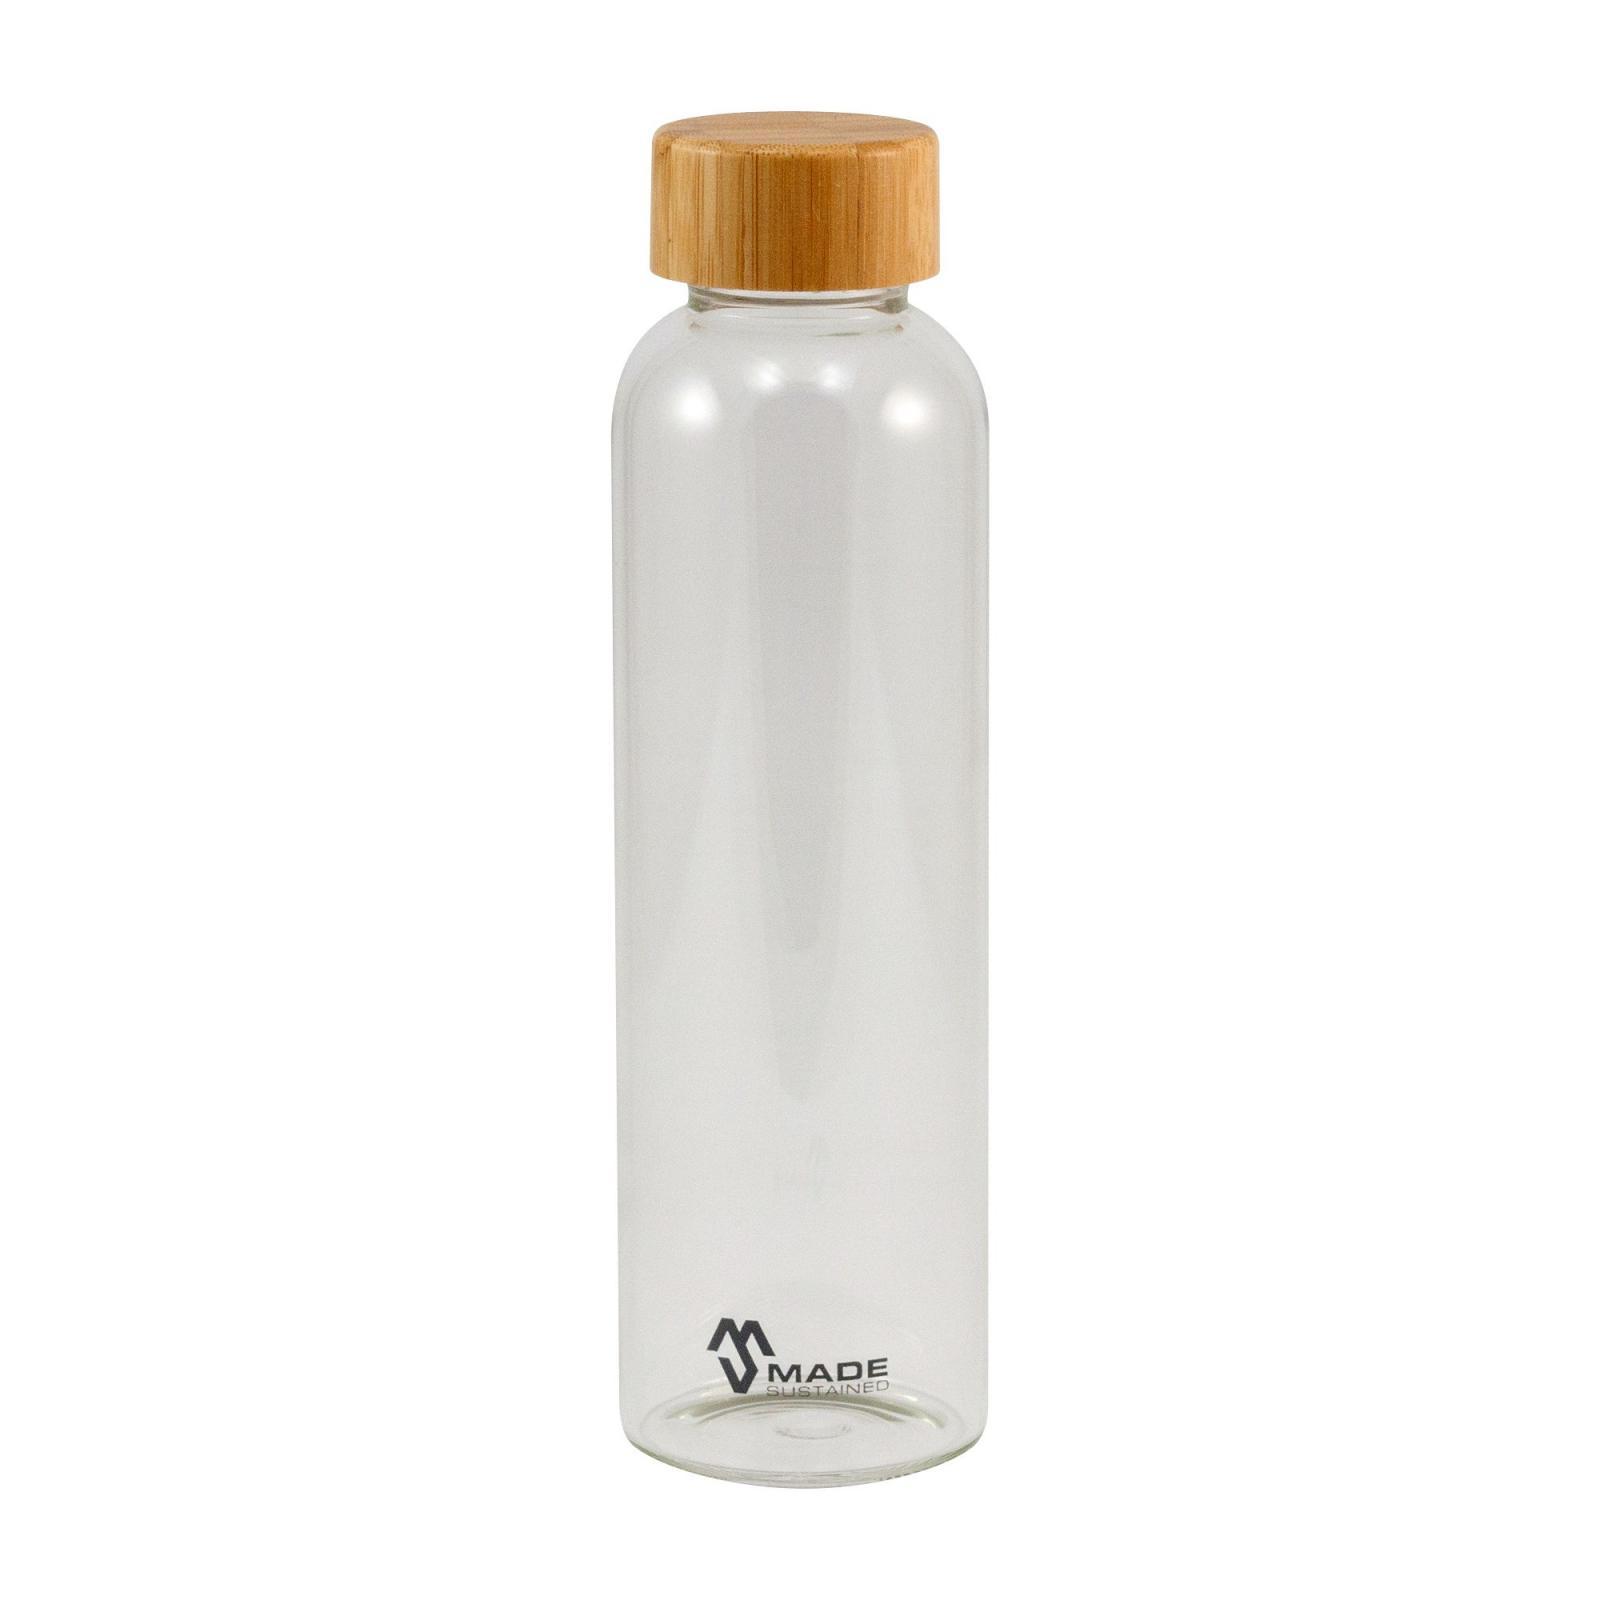 Made Sustained Skleněná láhev Knight s bambusovým víčkem 550 ml